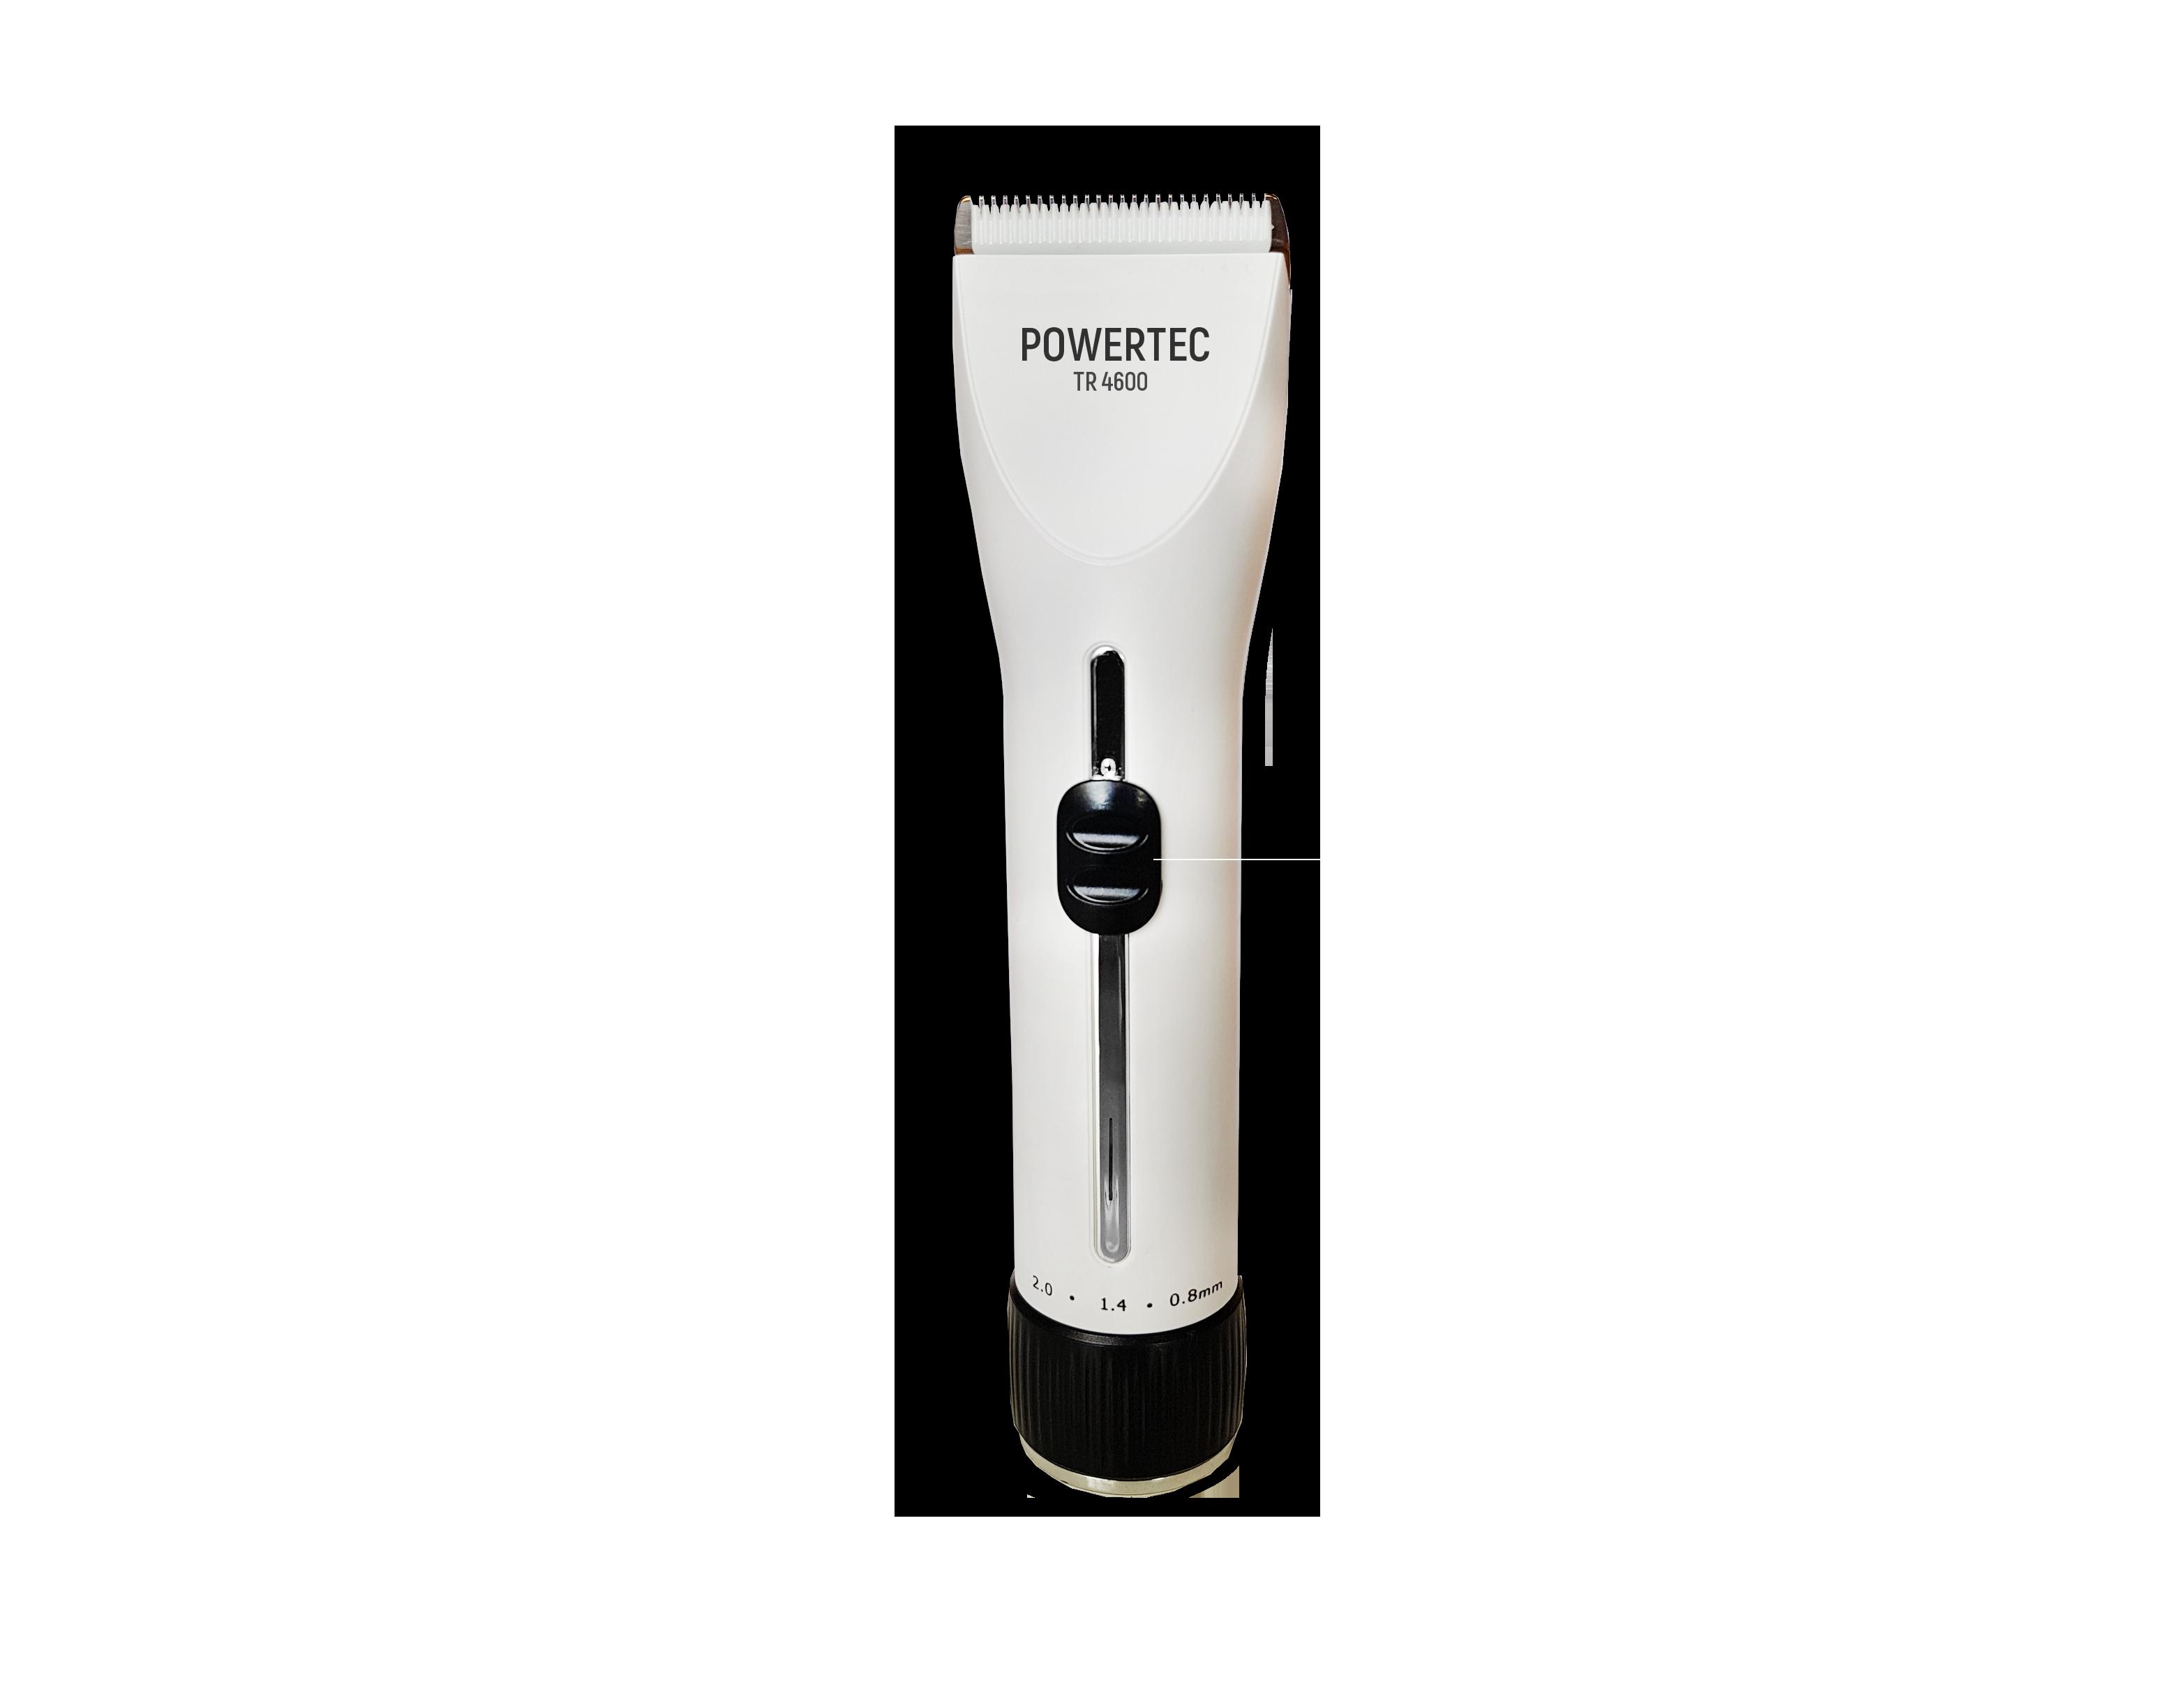 POWERTEC TR-4600